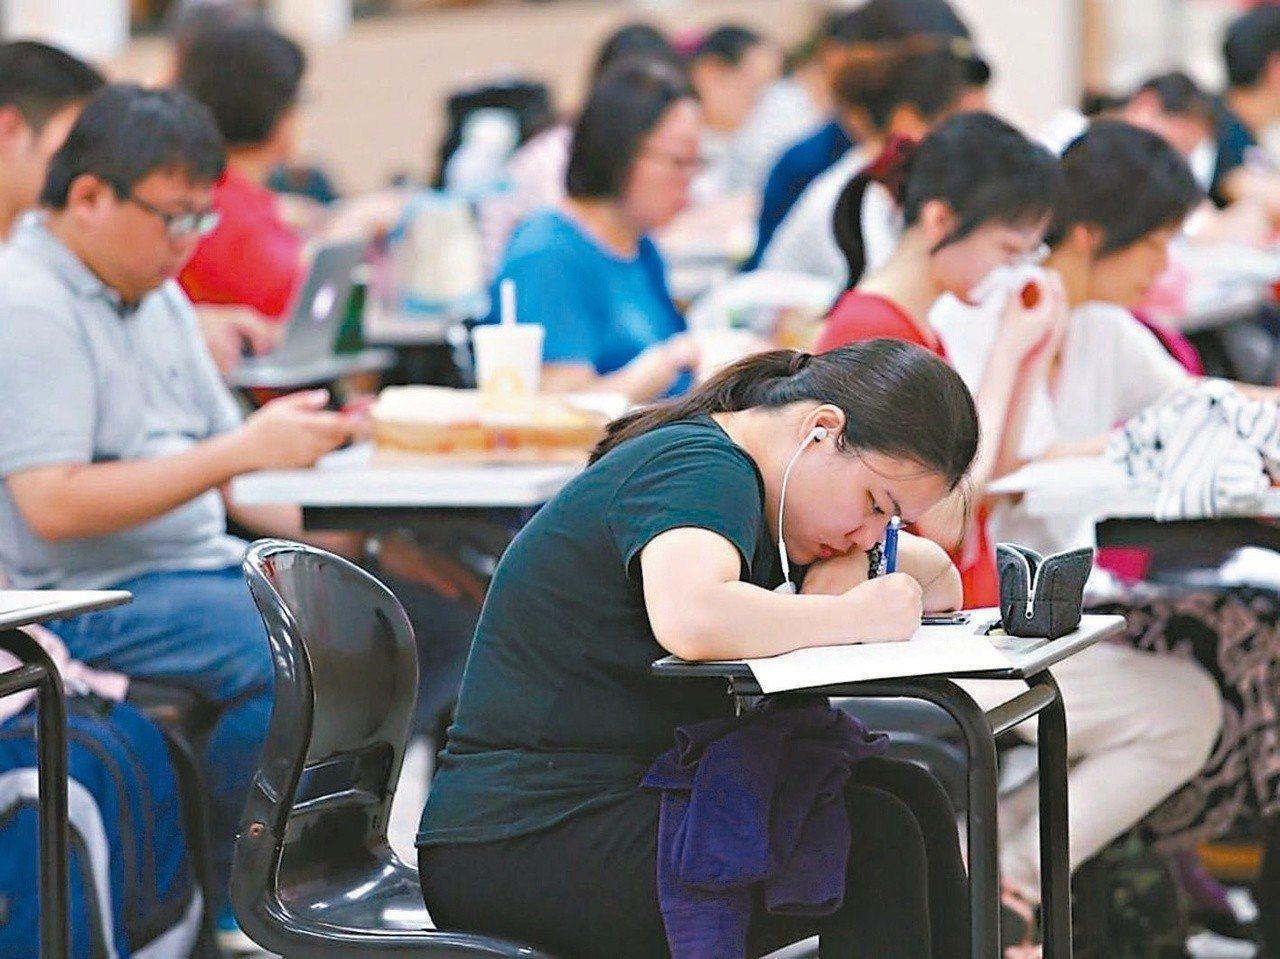 明年公務人員高等考試三級考試暨普通考試,日期調整於明年7月3日至7日。 圖/聯合...